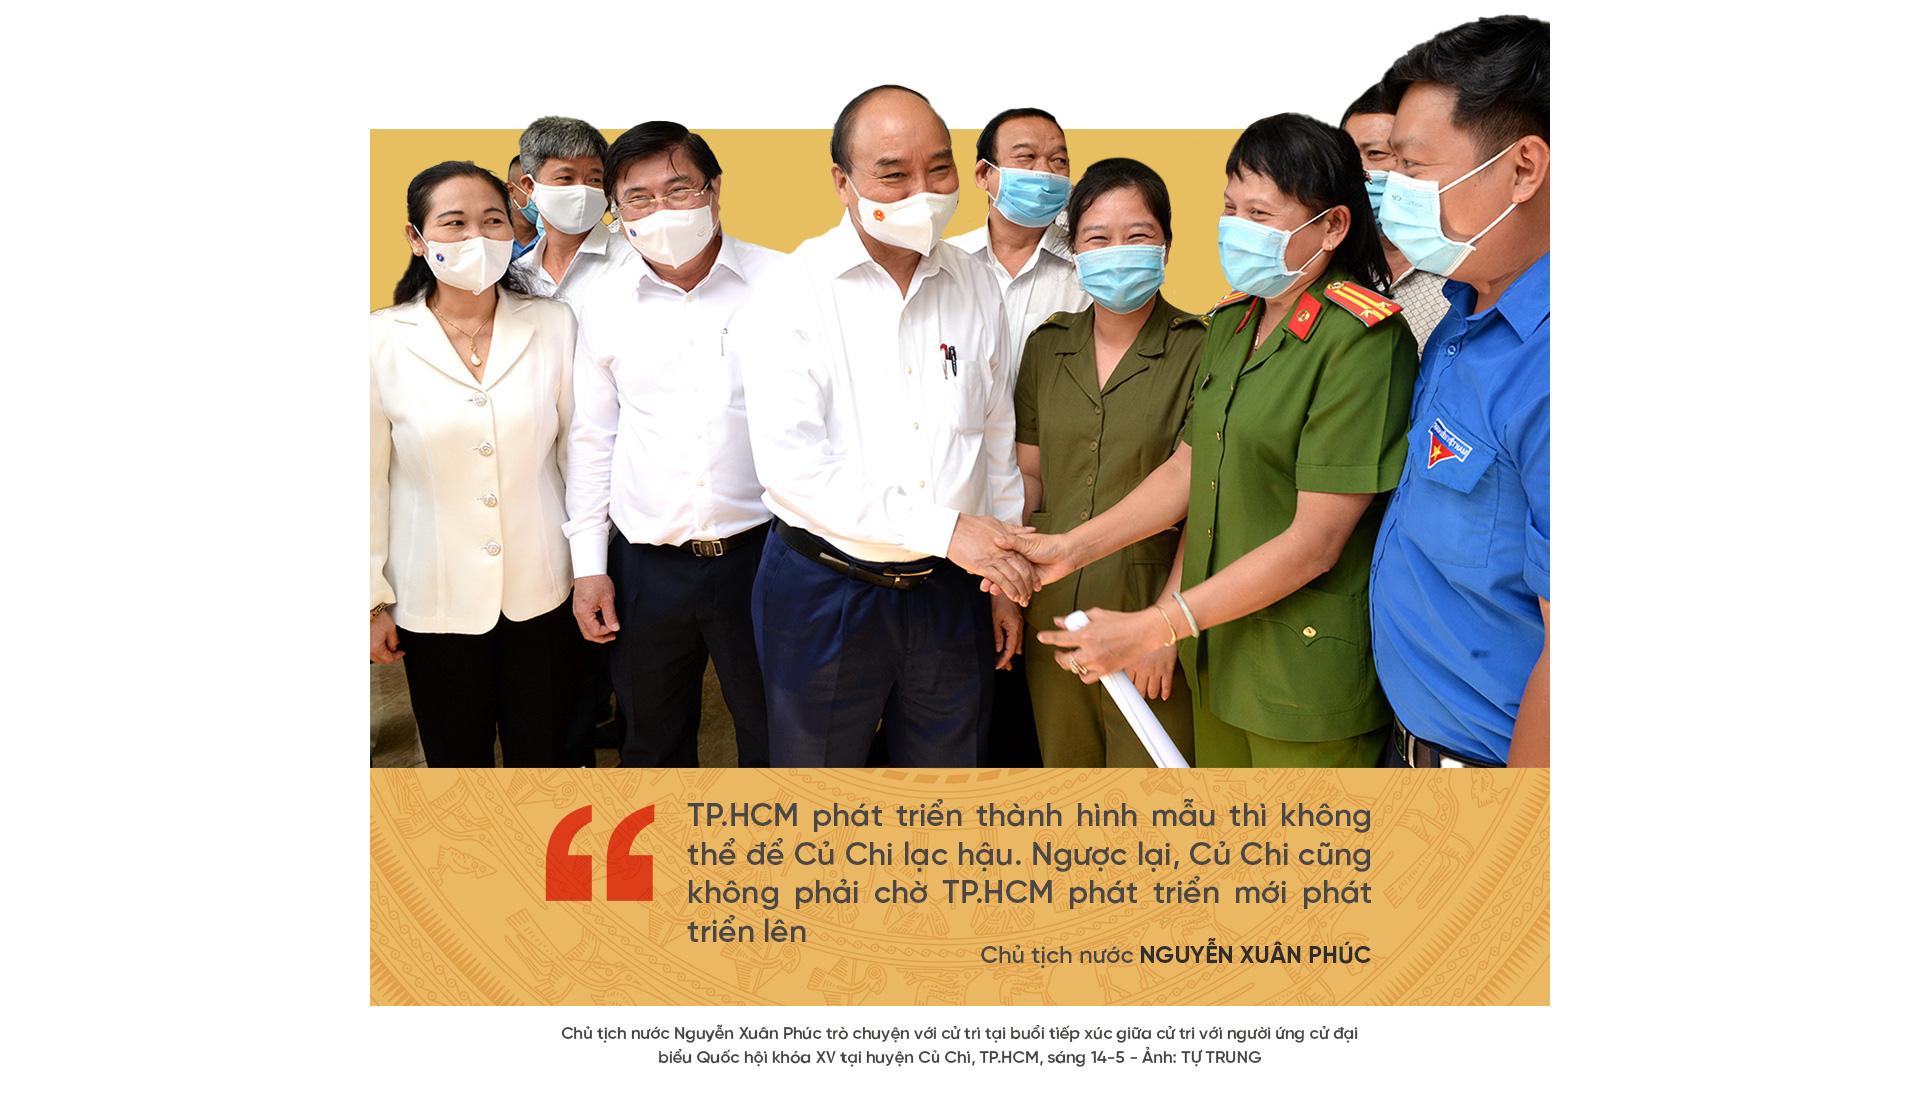 Chủ tịch nước Nguyễn Xuân Phúc: Biến truyền thống hào hùng thành sức mạnh phát triển - Ảnh 7.